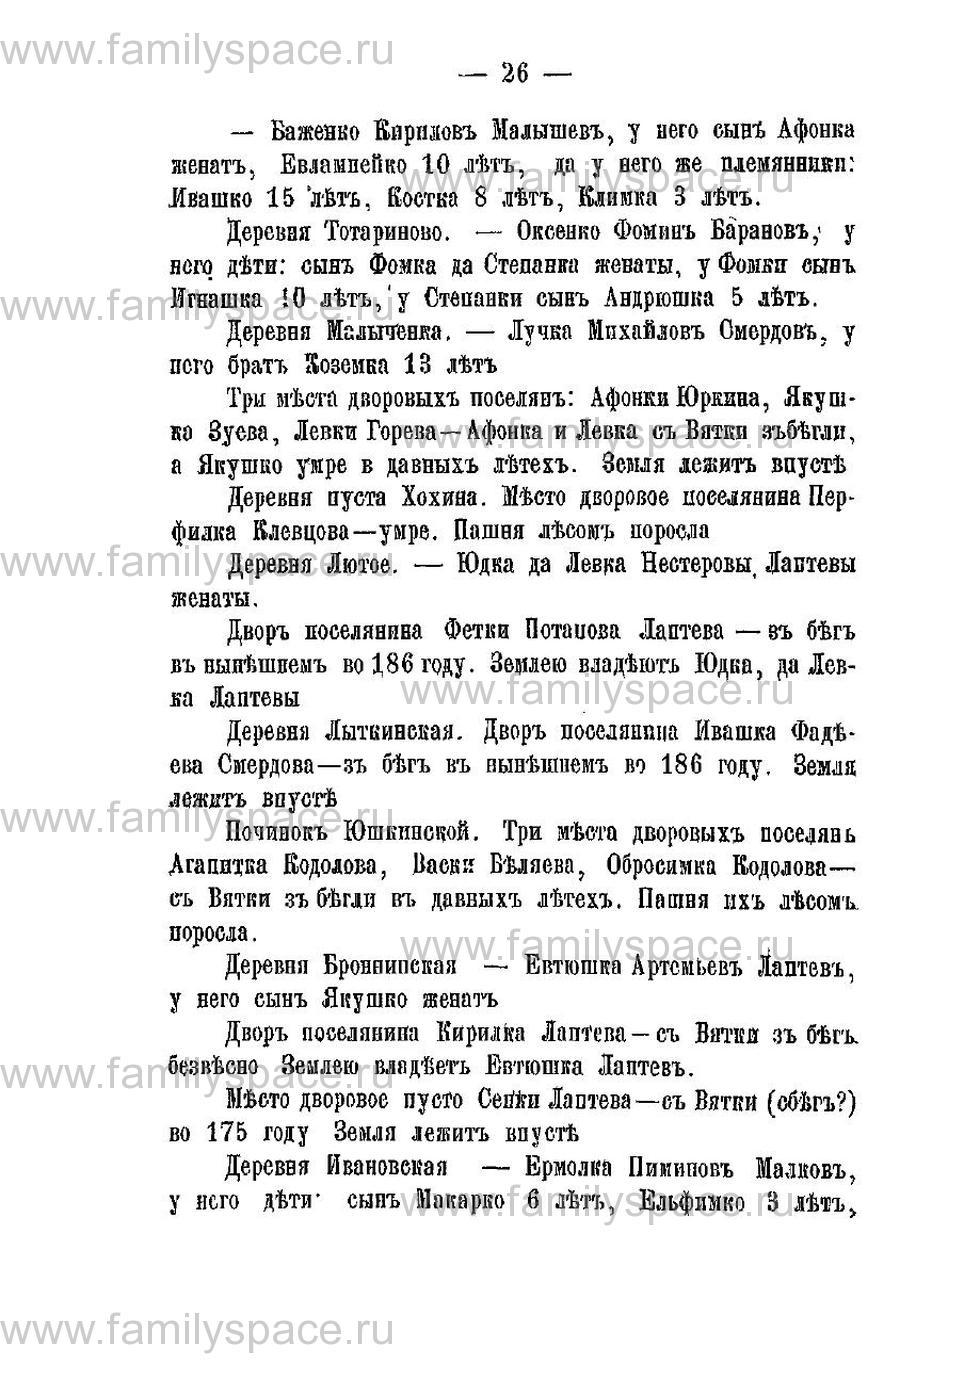 Поиск по фамилии - Переписная книга Орлова и волостей 1678 г, страница 22